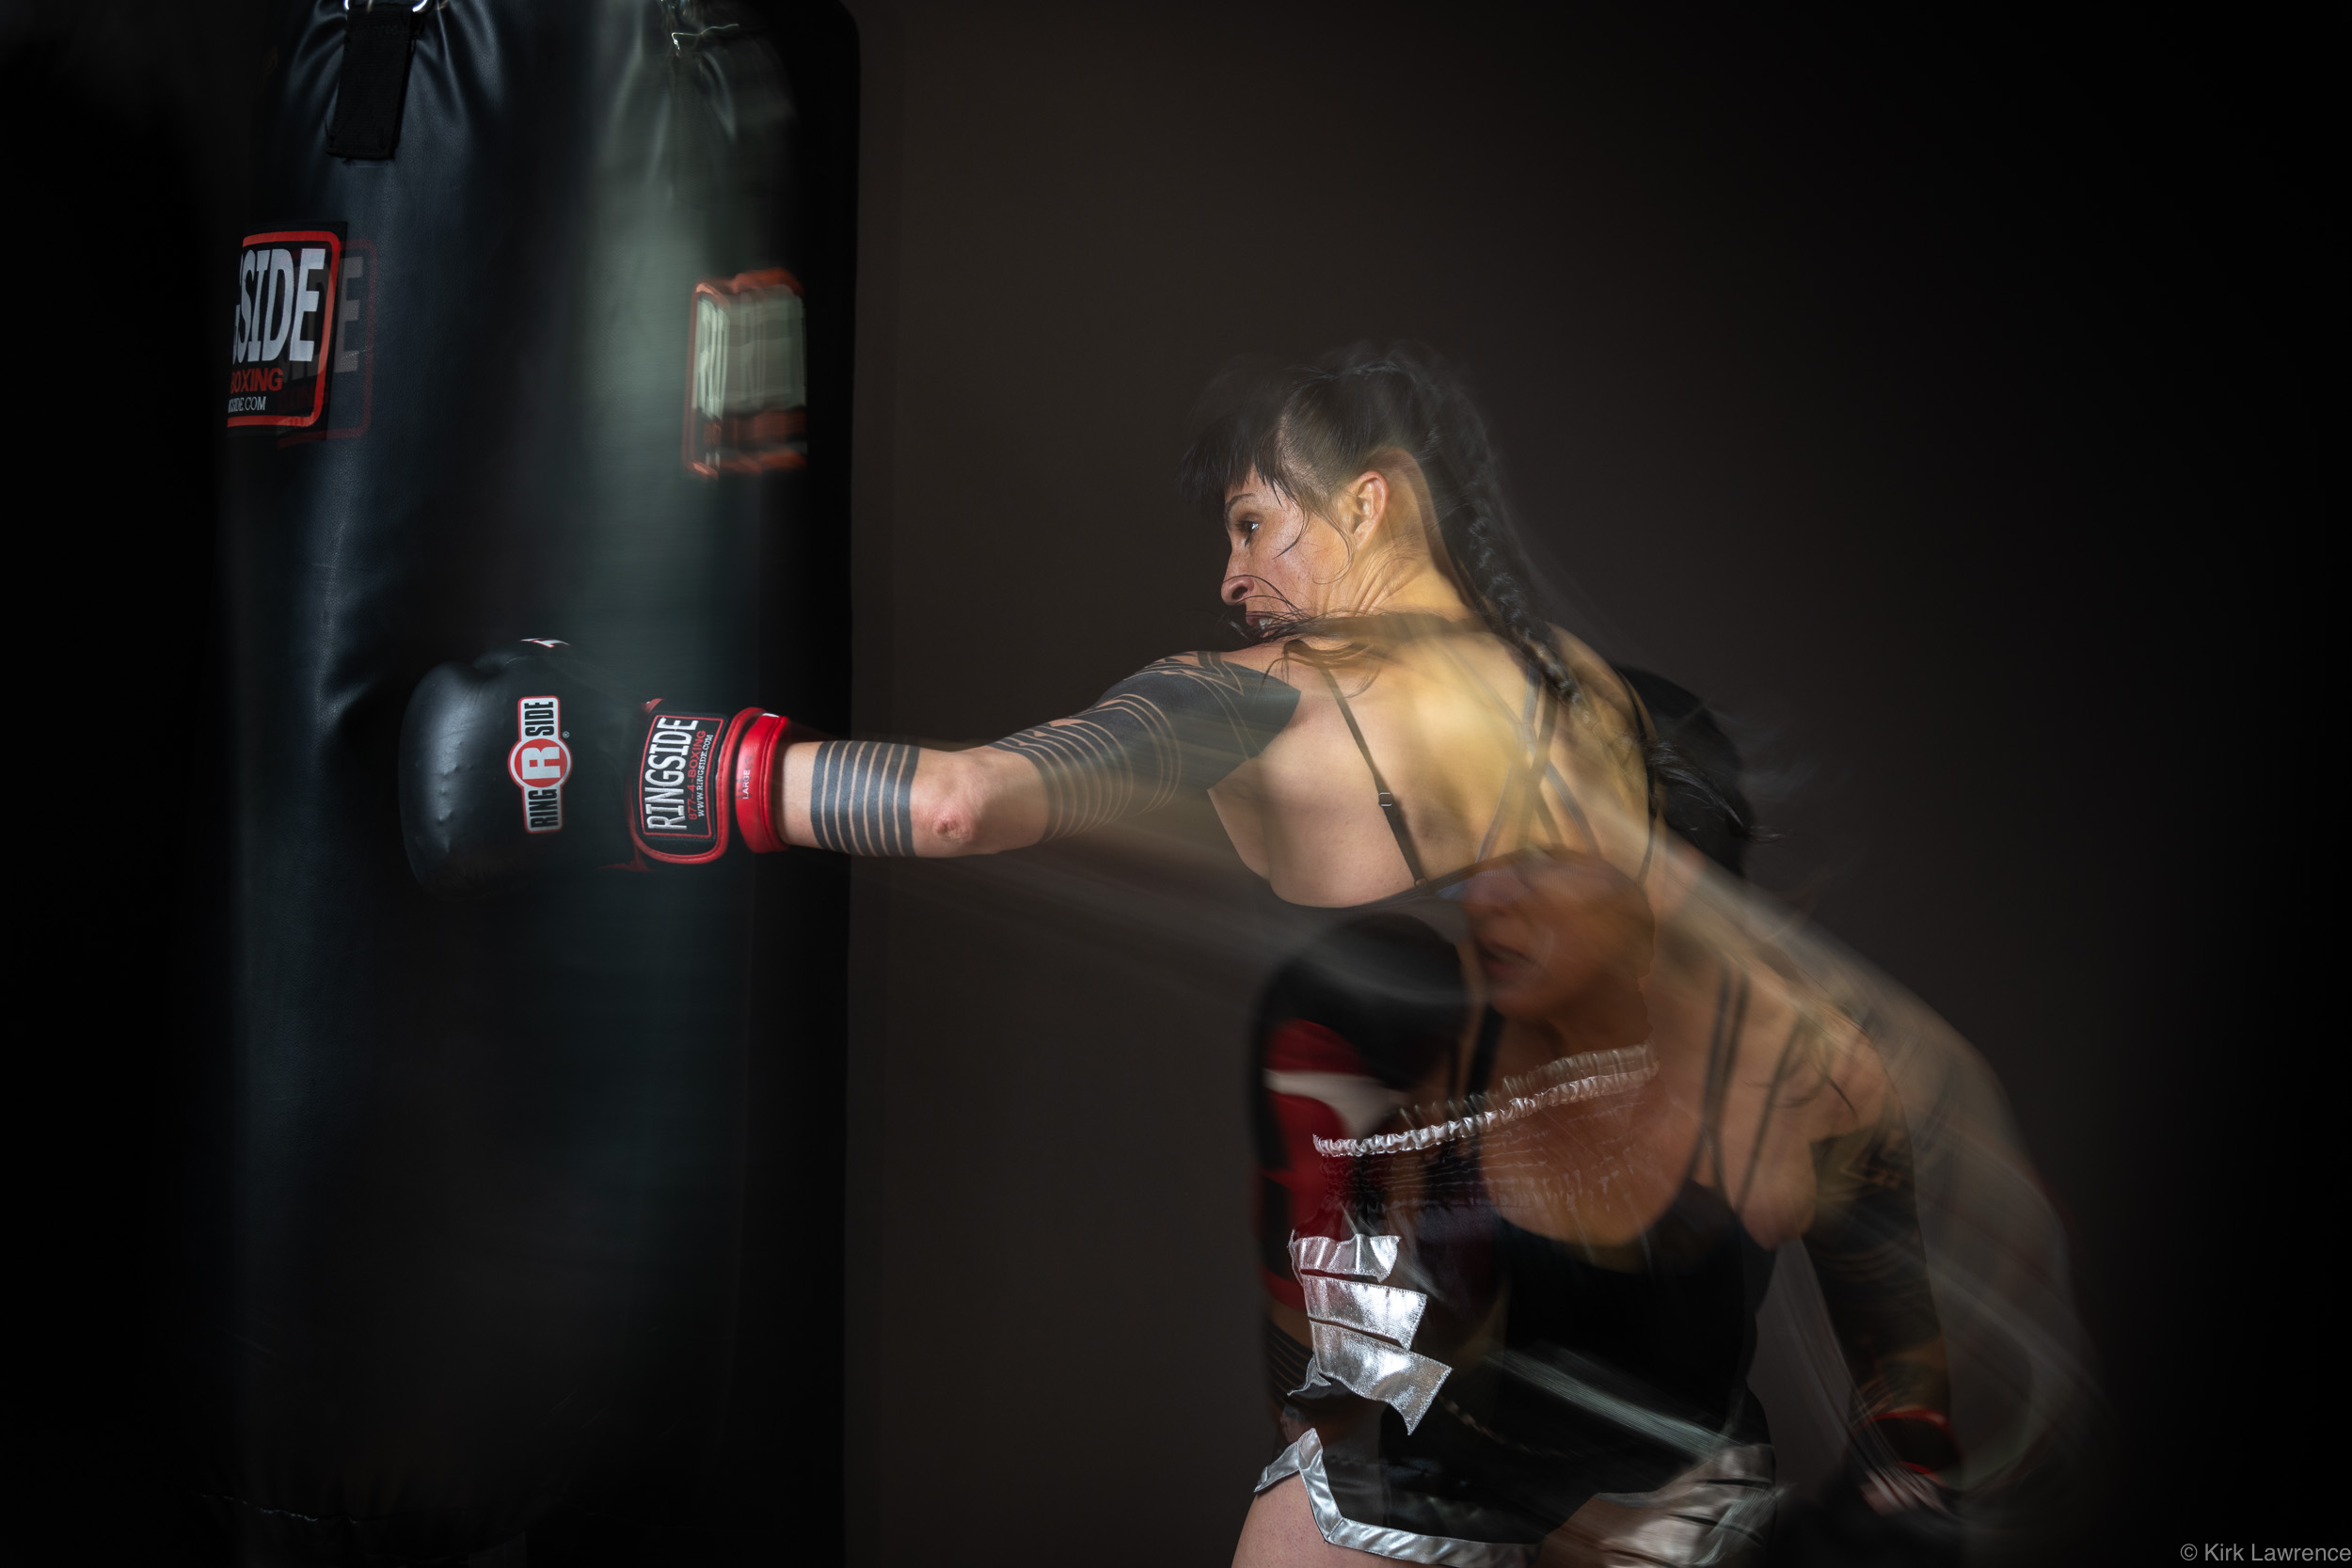 female_kickboxer_punching_bag_portrait.jpg